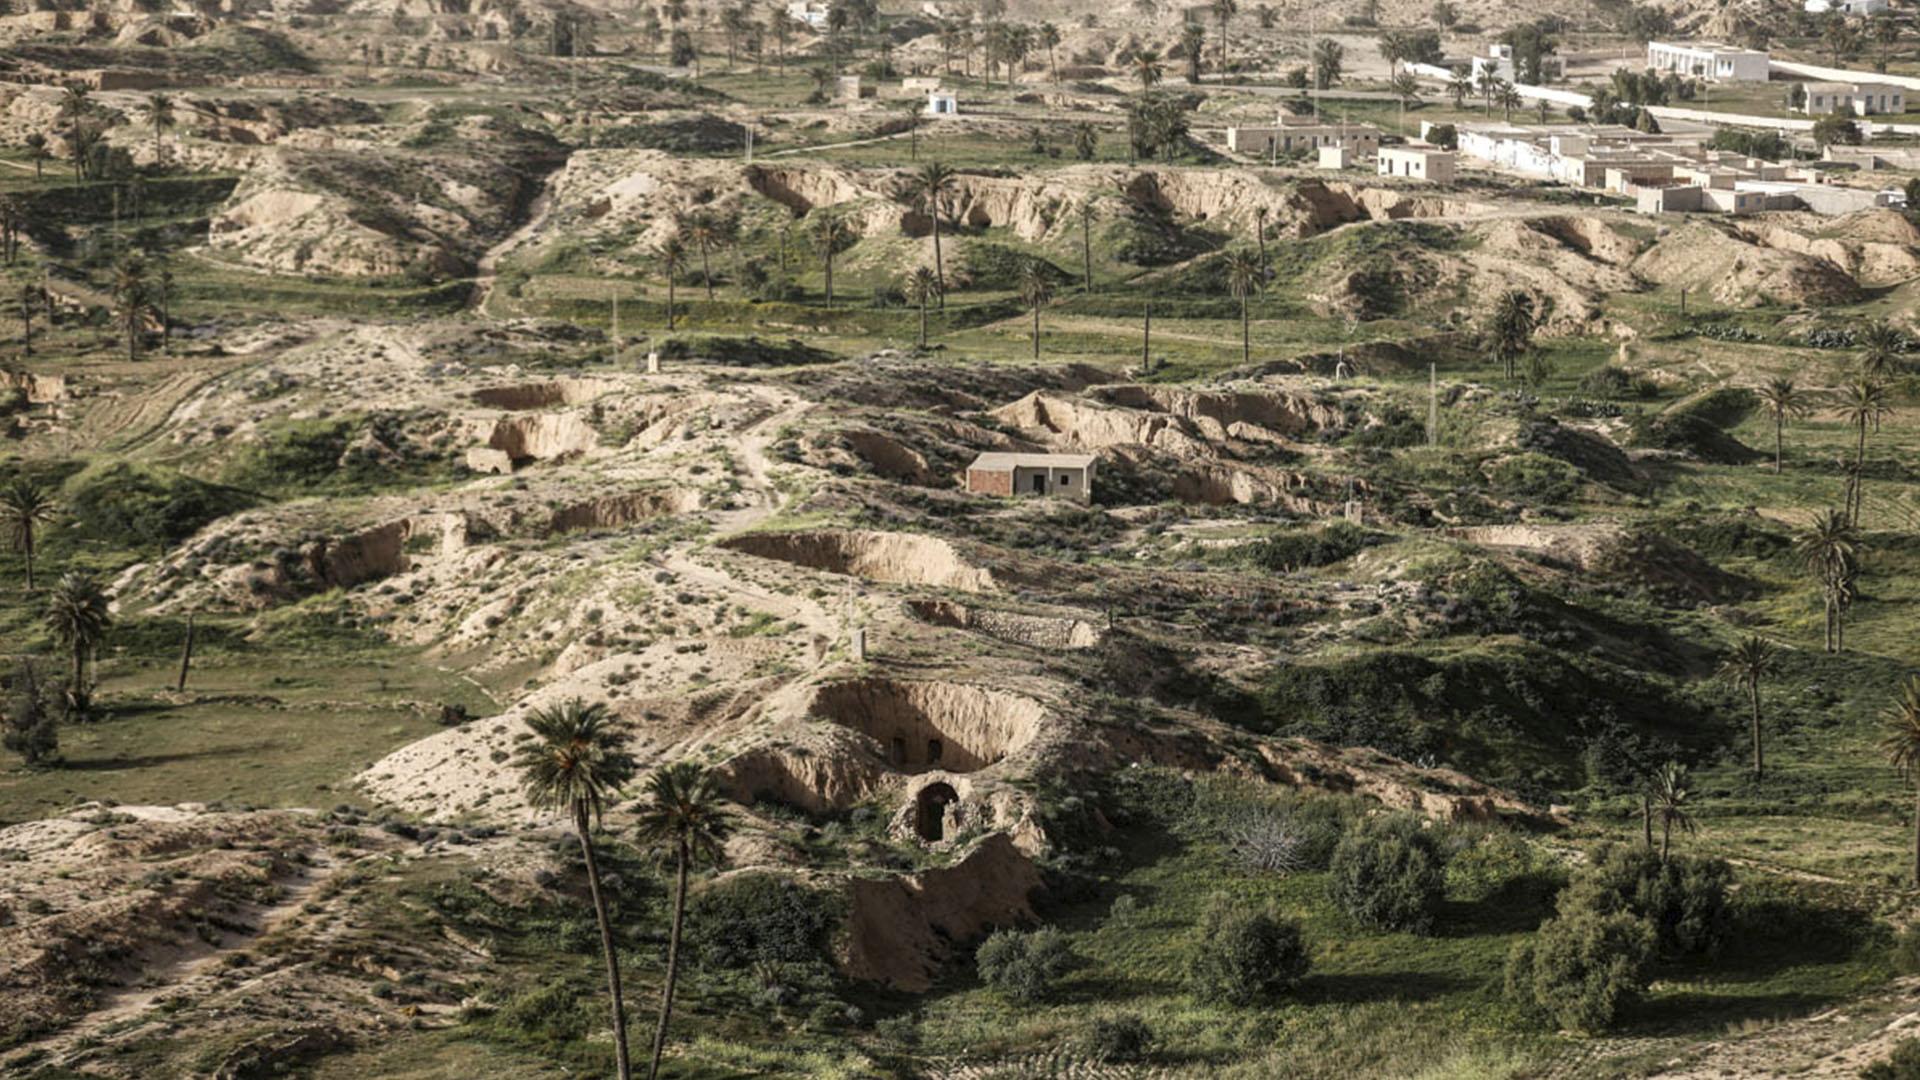 Las casas subterráneas en Matmata, donde personas han vivido desde hace siglos